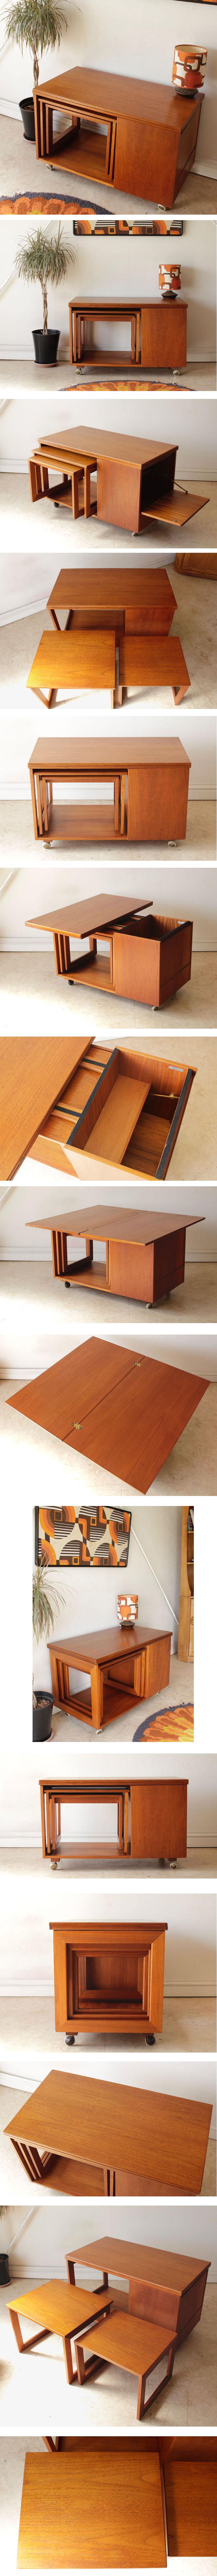 イギリス製・ビンテージ・マッキントッシュ・ネストテーブル・机・チーク・アンティーク